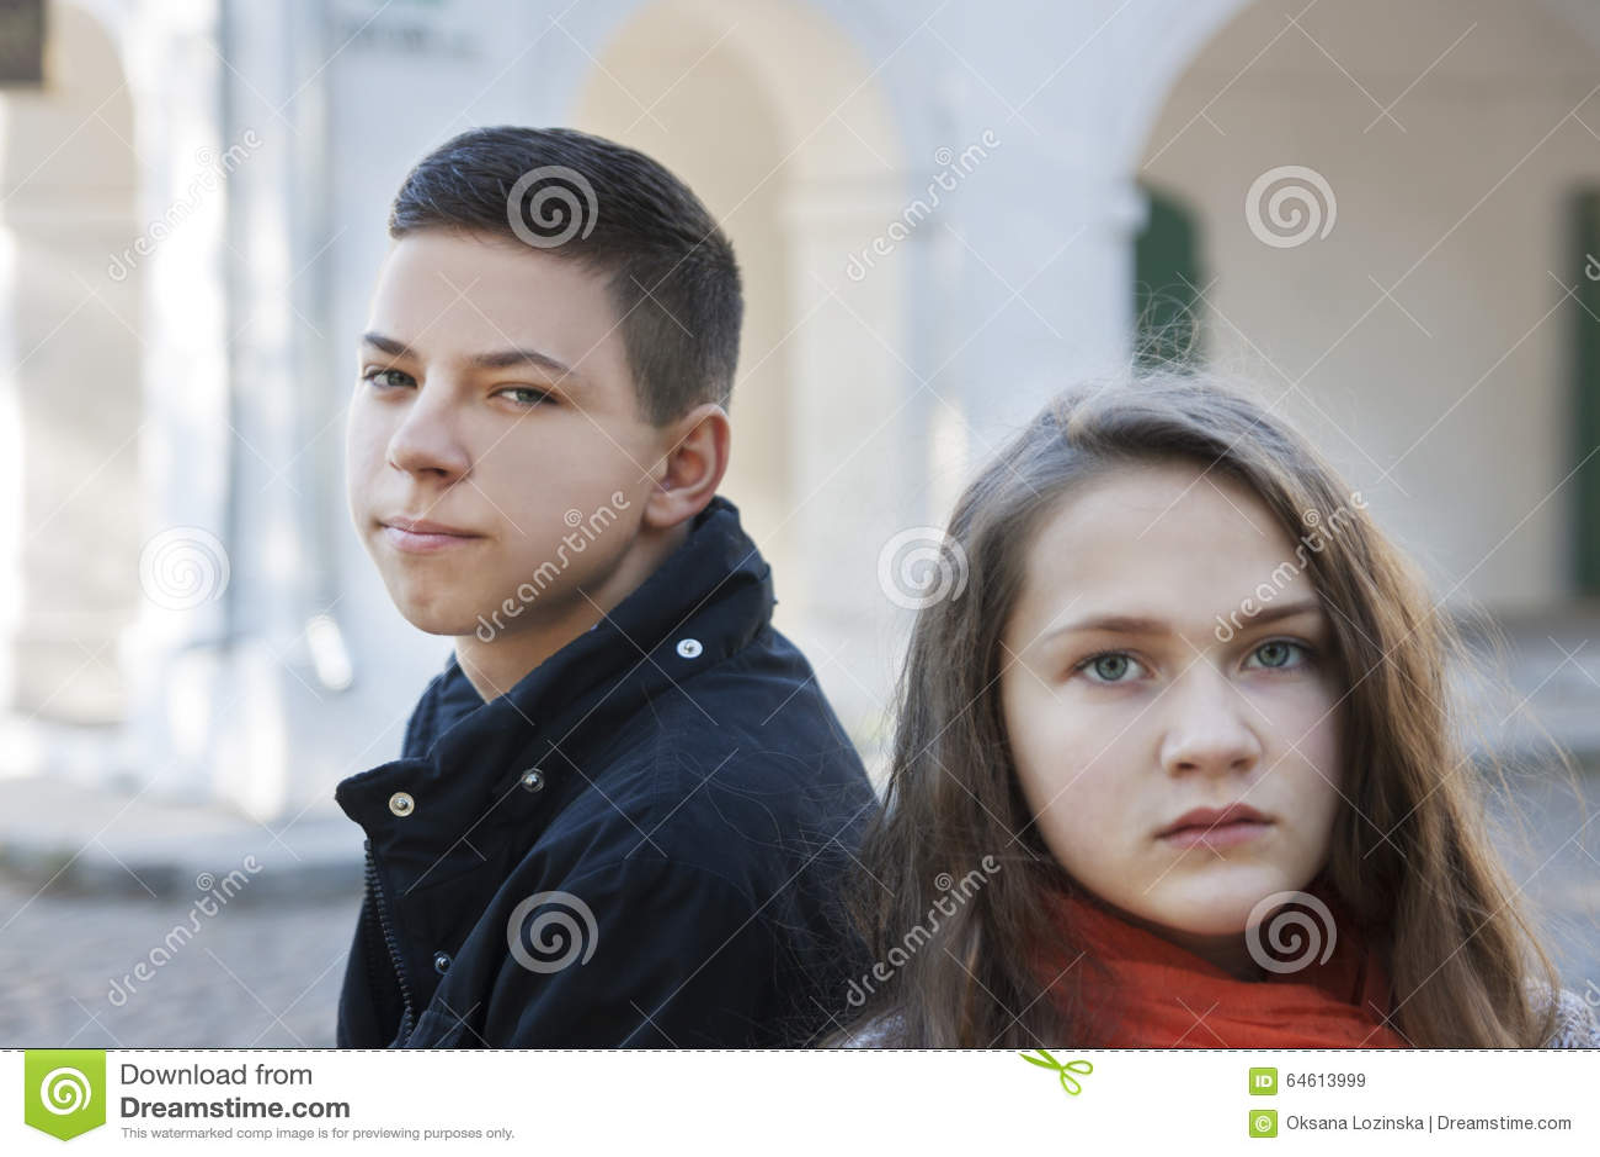 Teenage Conflict Stock Image Image Of Teenage People 64613999